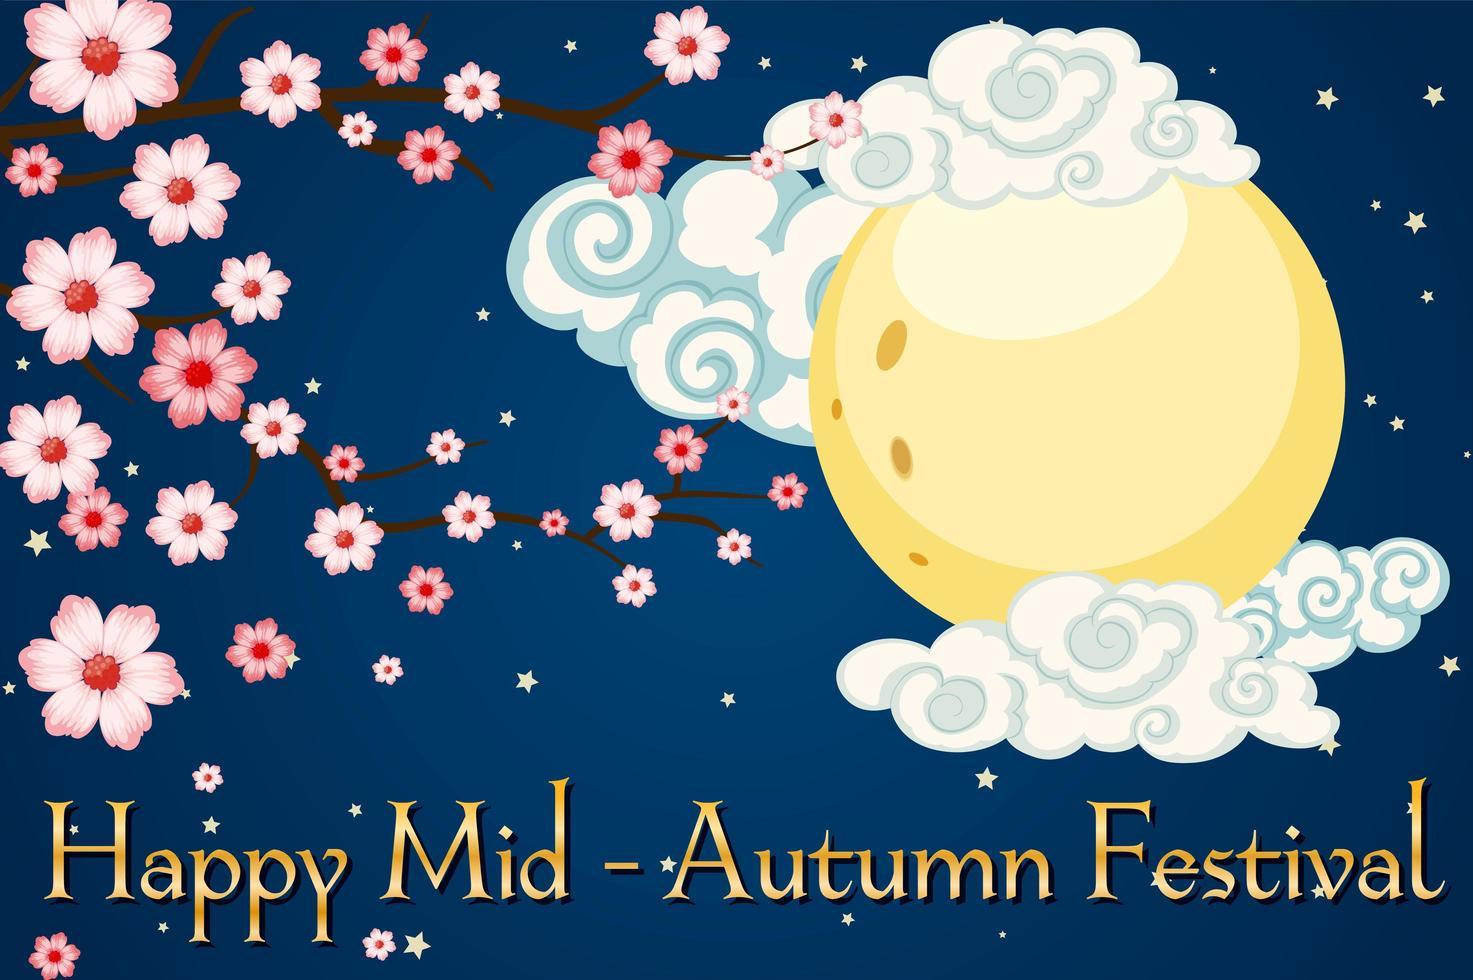 sfondo banner festival di metà autunno vettore